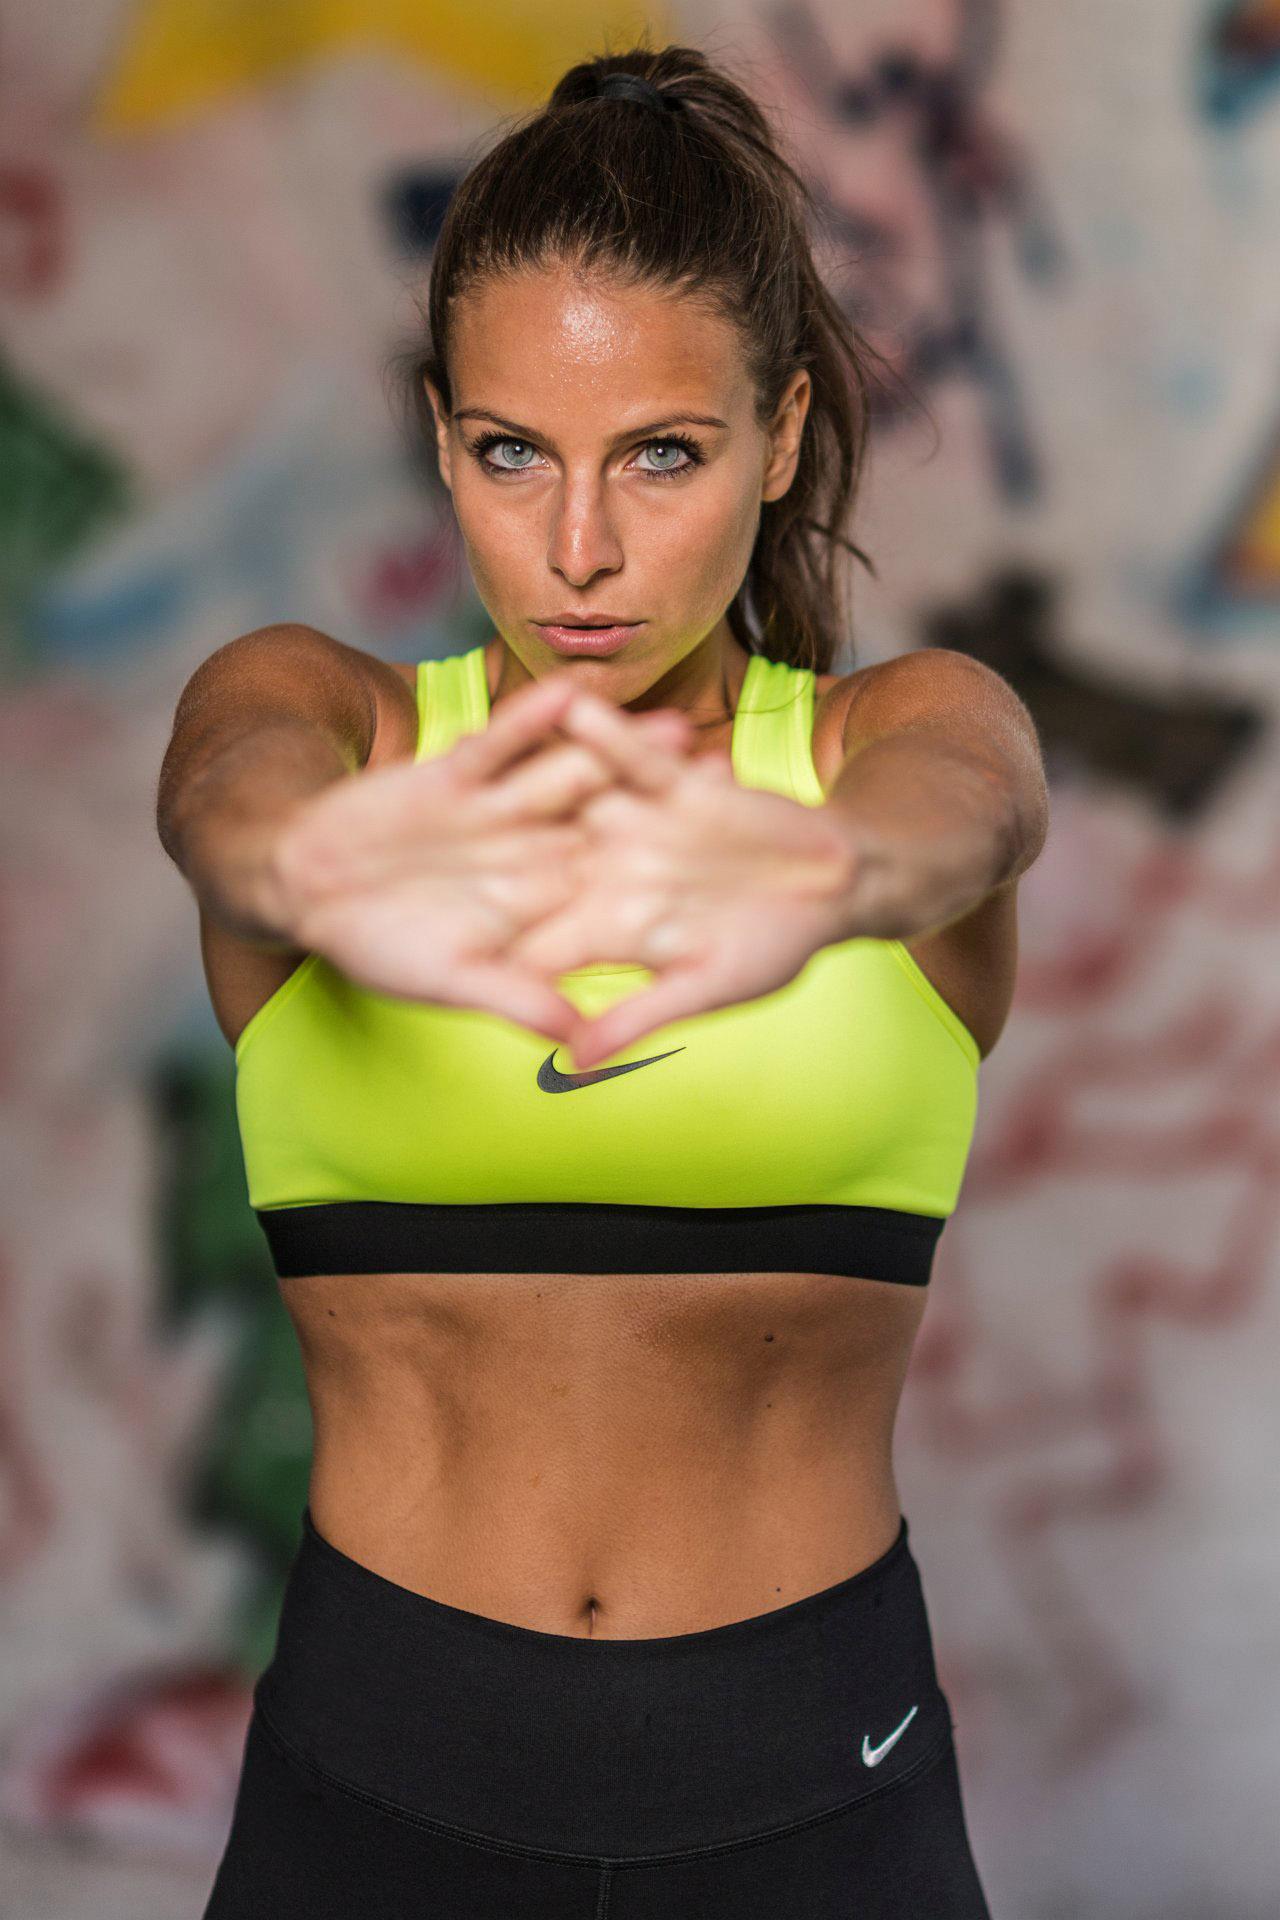 Frau in einem gelben Nike Outfit beim Dehnen.